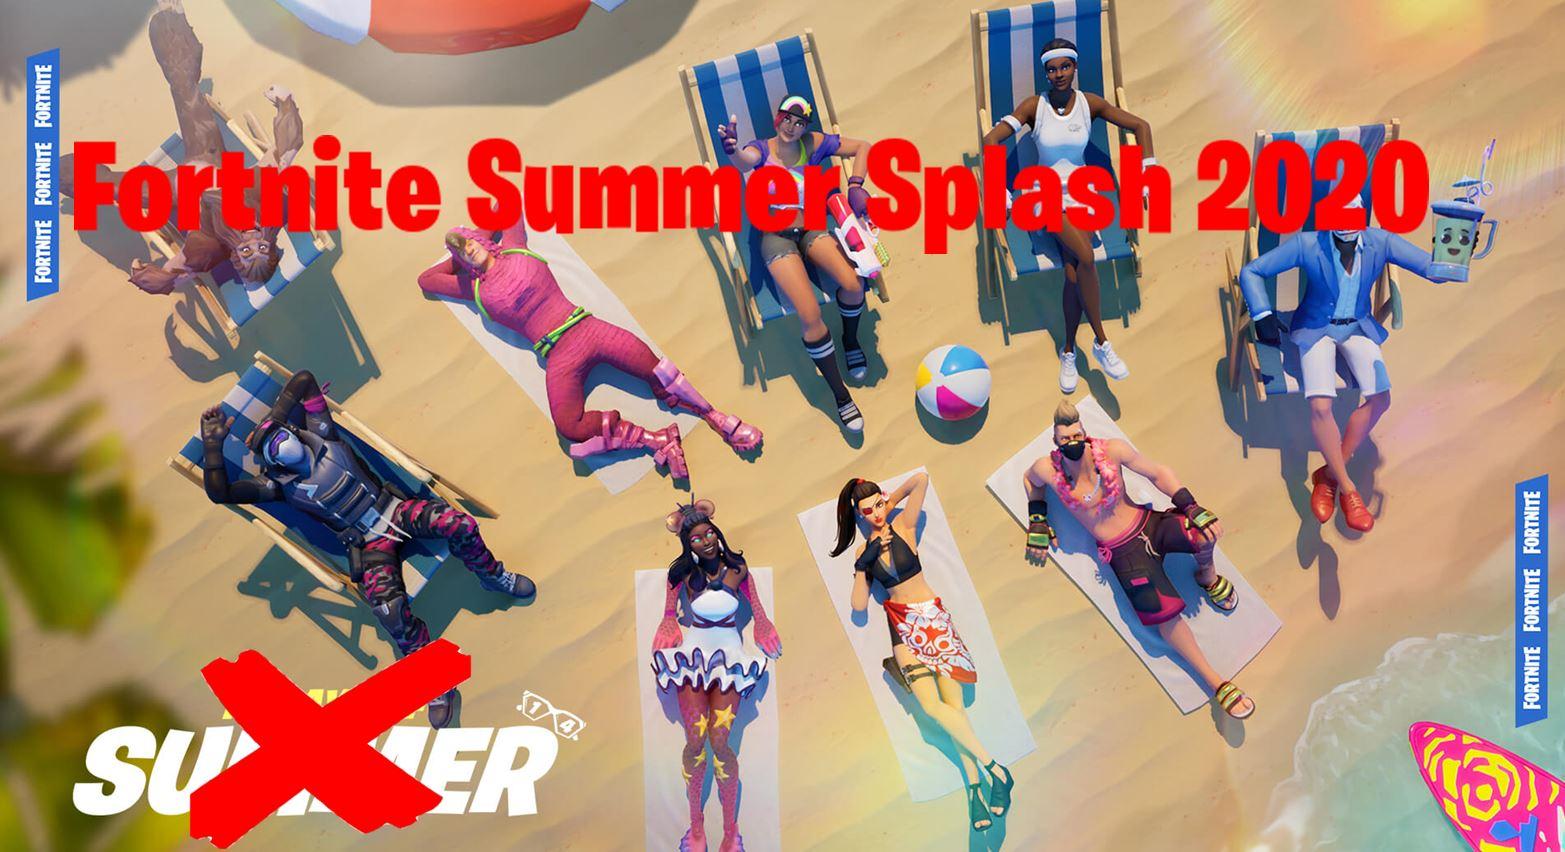 Fortnite Summer Splash 2020 Event